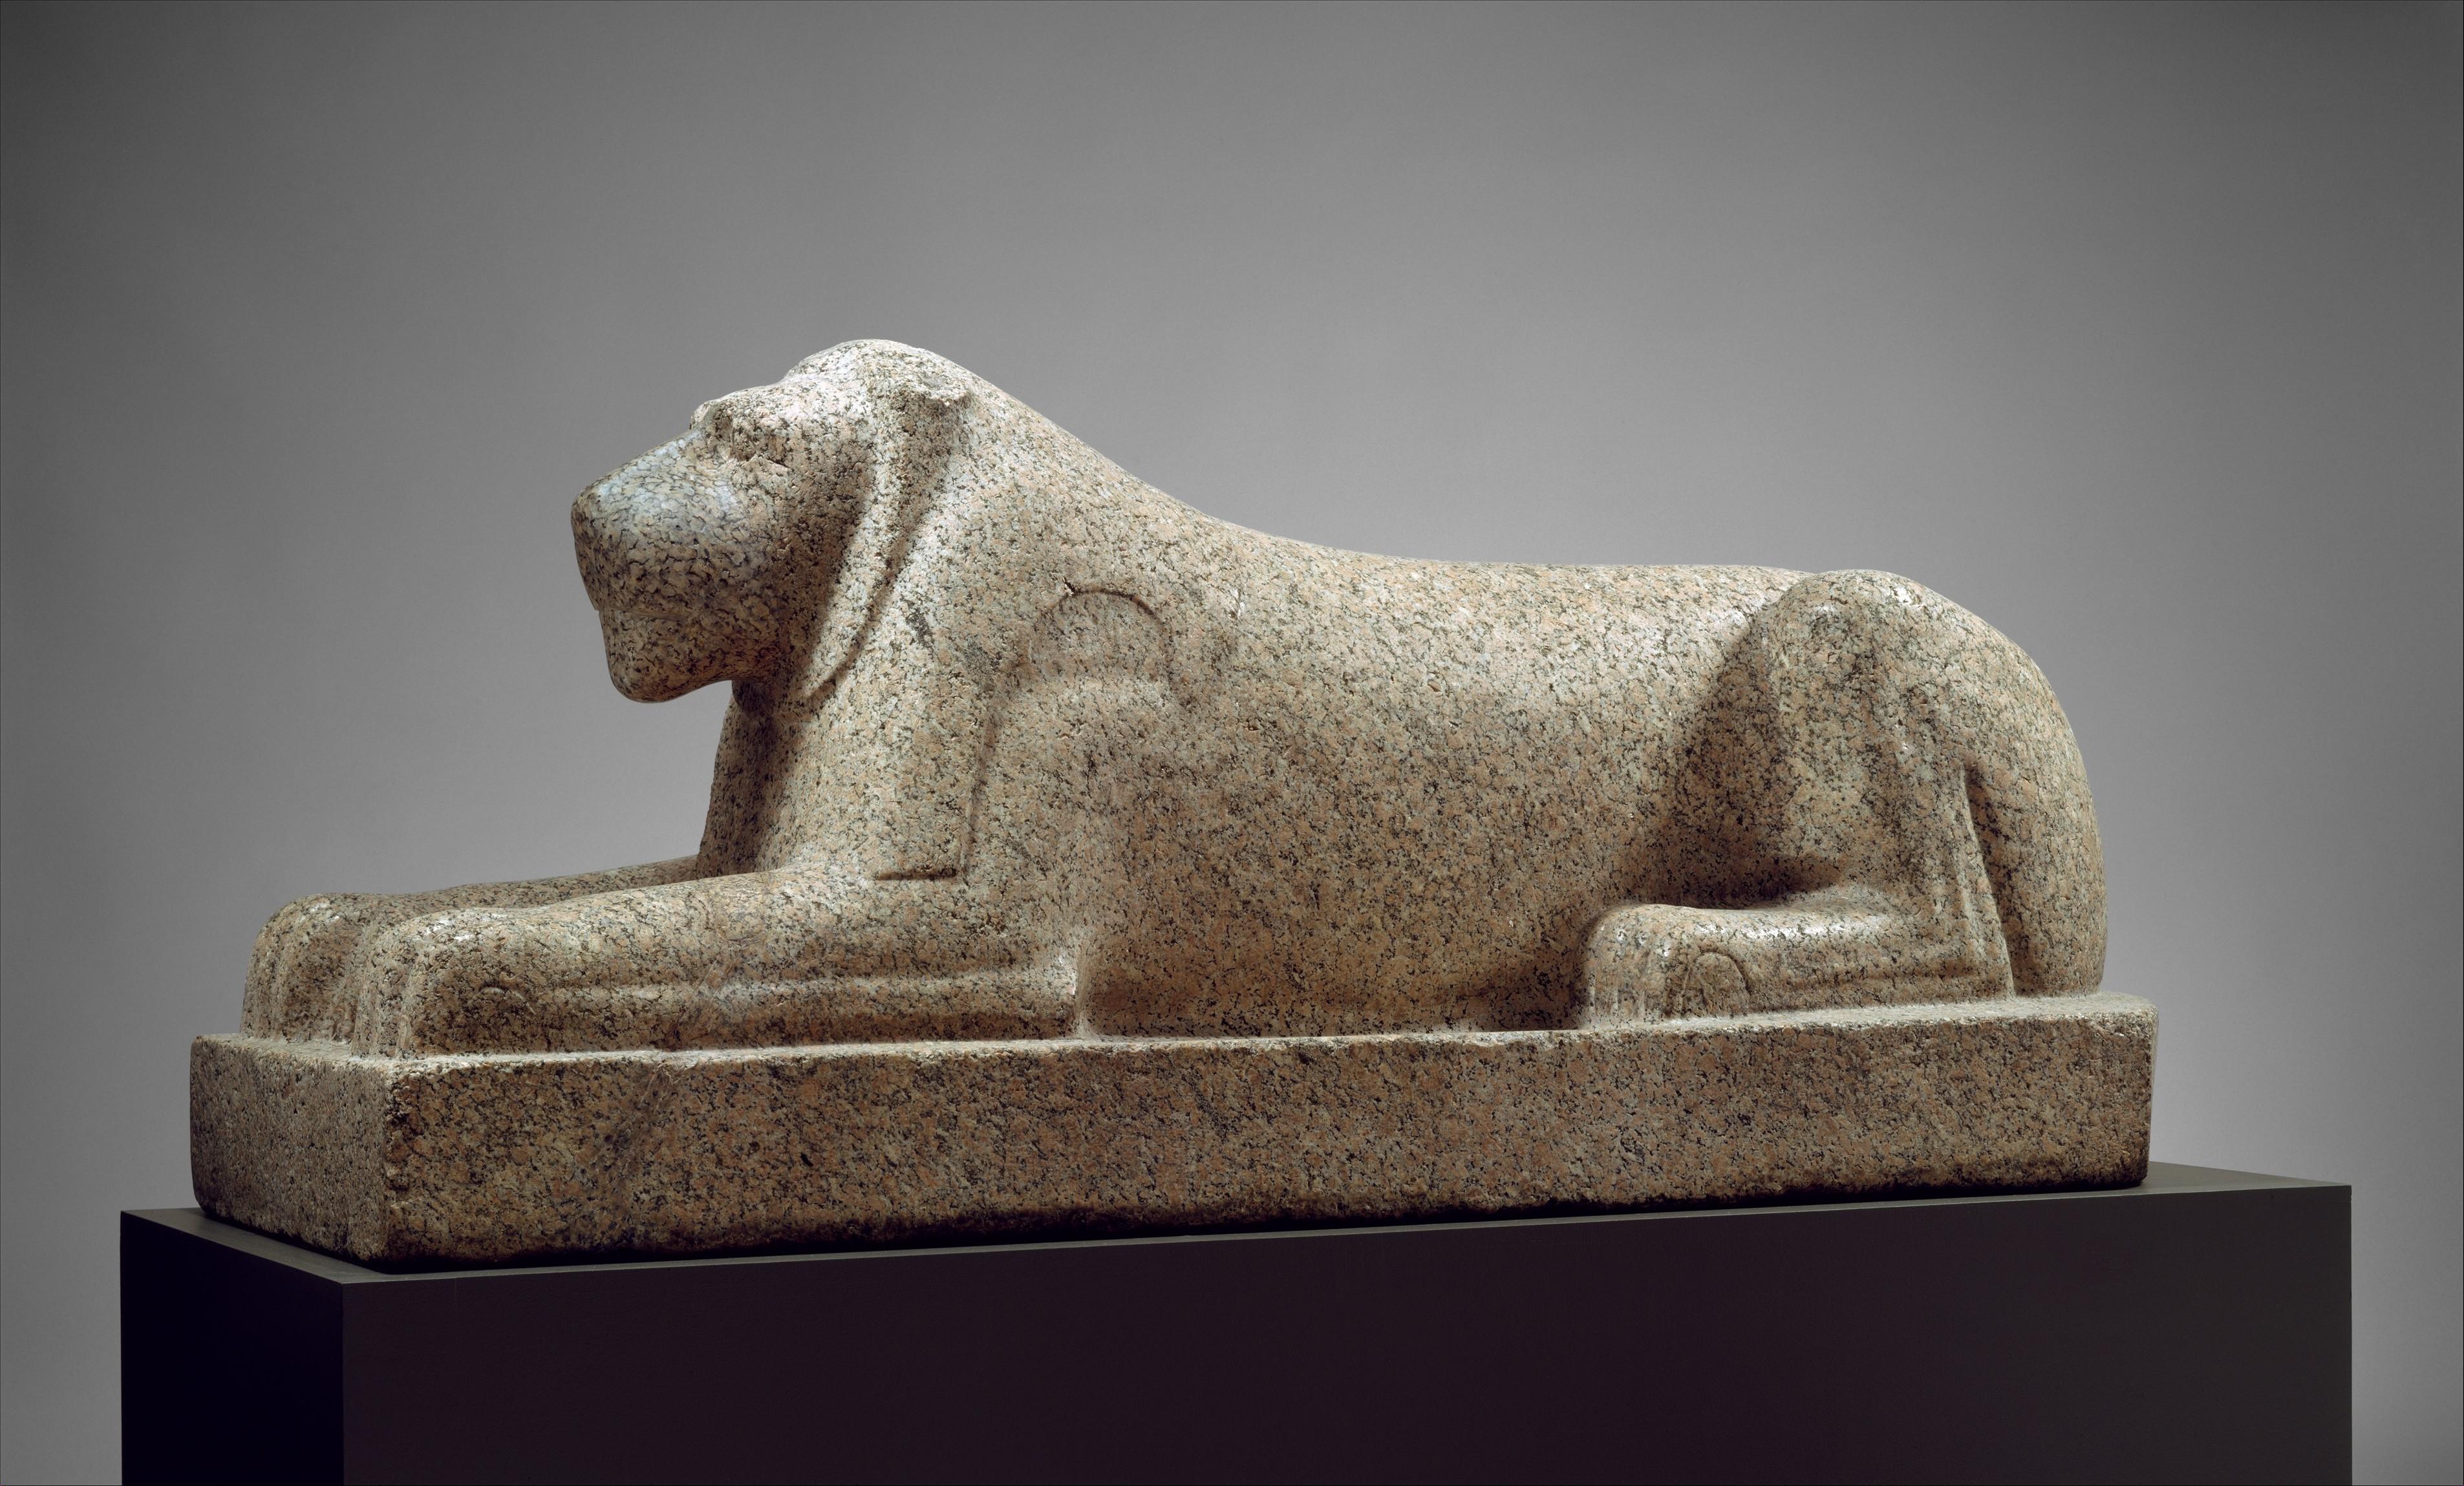 أسد فرعوني يعود إلى العام 2500 قبل الميلاد - متحف الميتروبوليتان